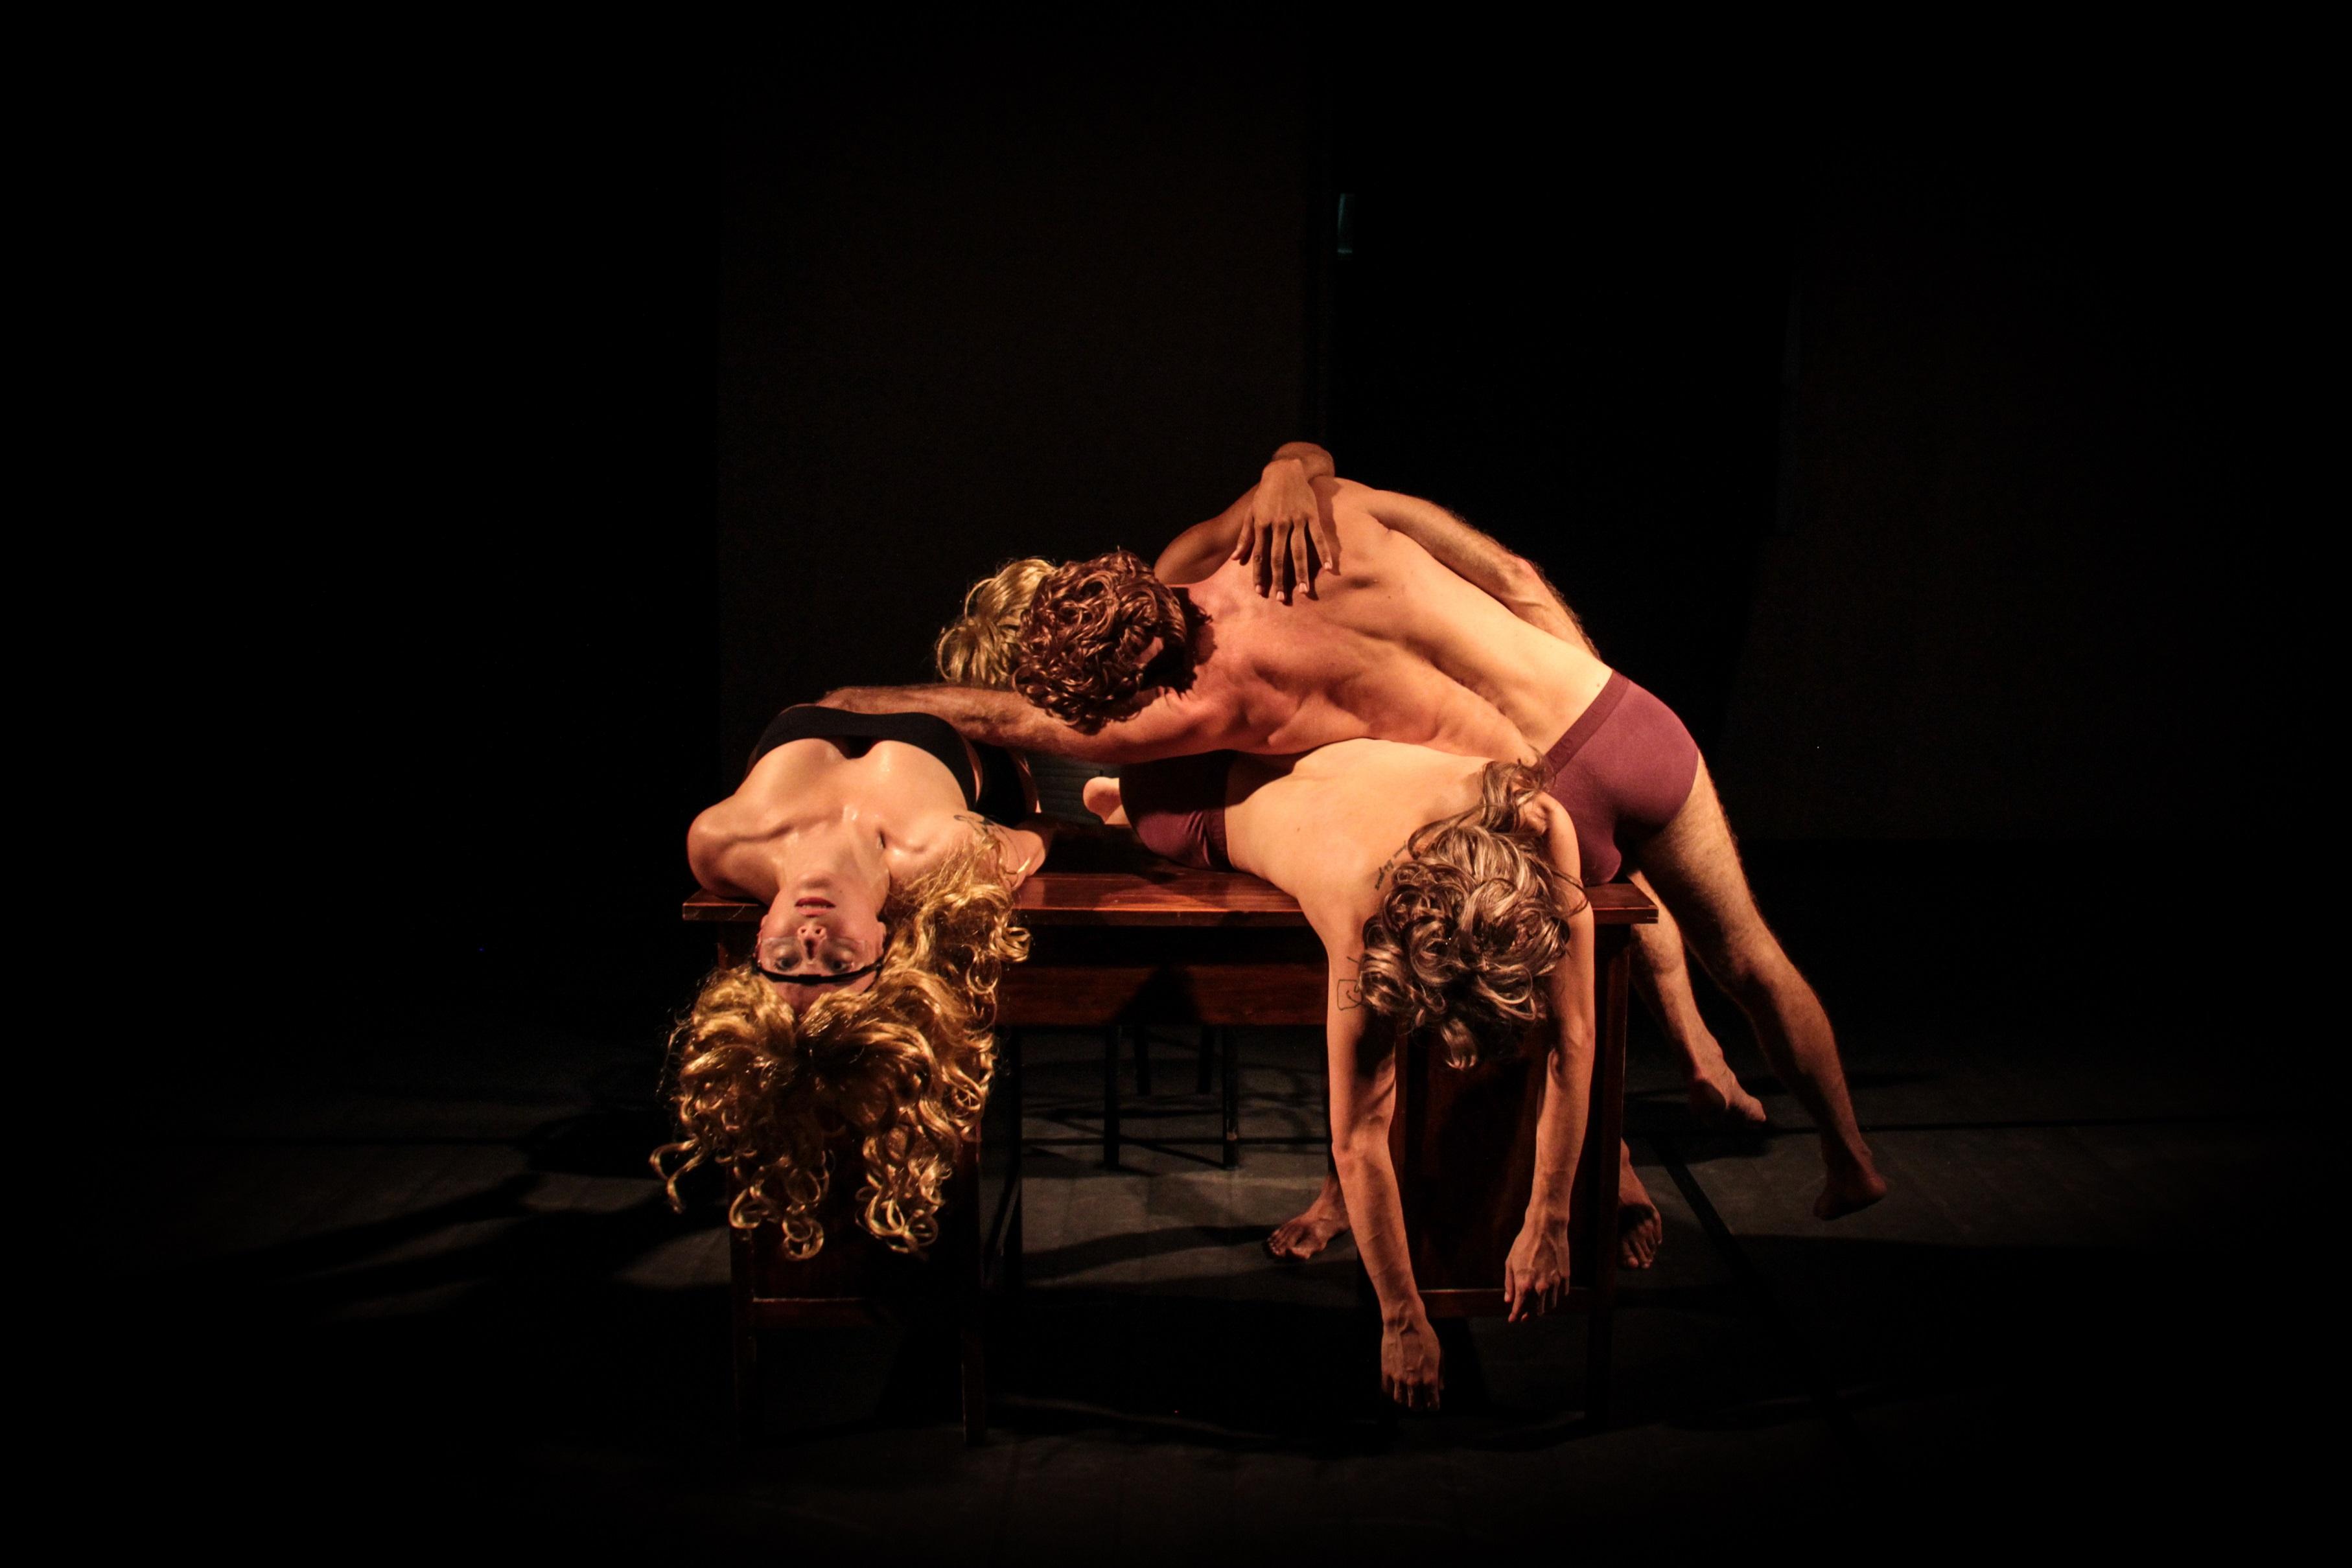 """Espetáculo """"INcompatível"""", da Eduardo Severino Companhia de Dança integra a programação da mostra """"Gestos Contemporâneos. Foto: Divulgação/SescRS"""